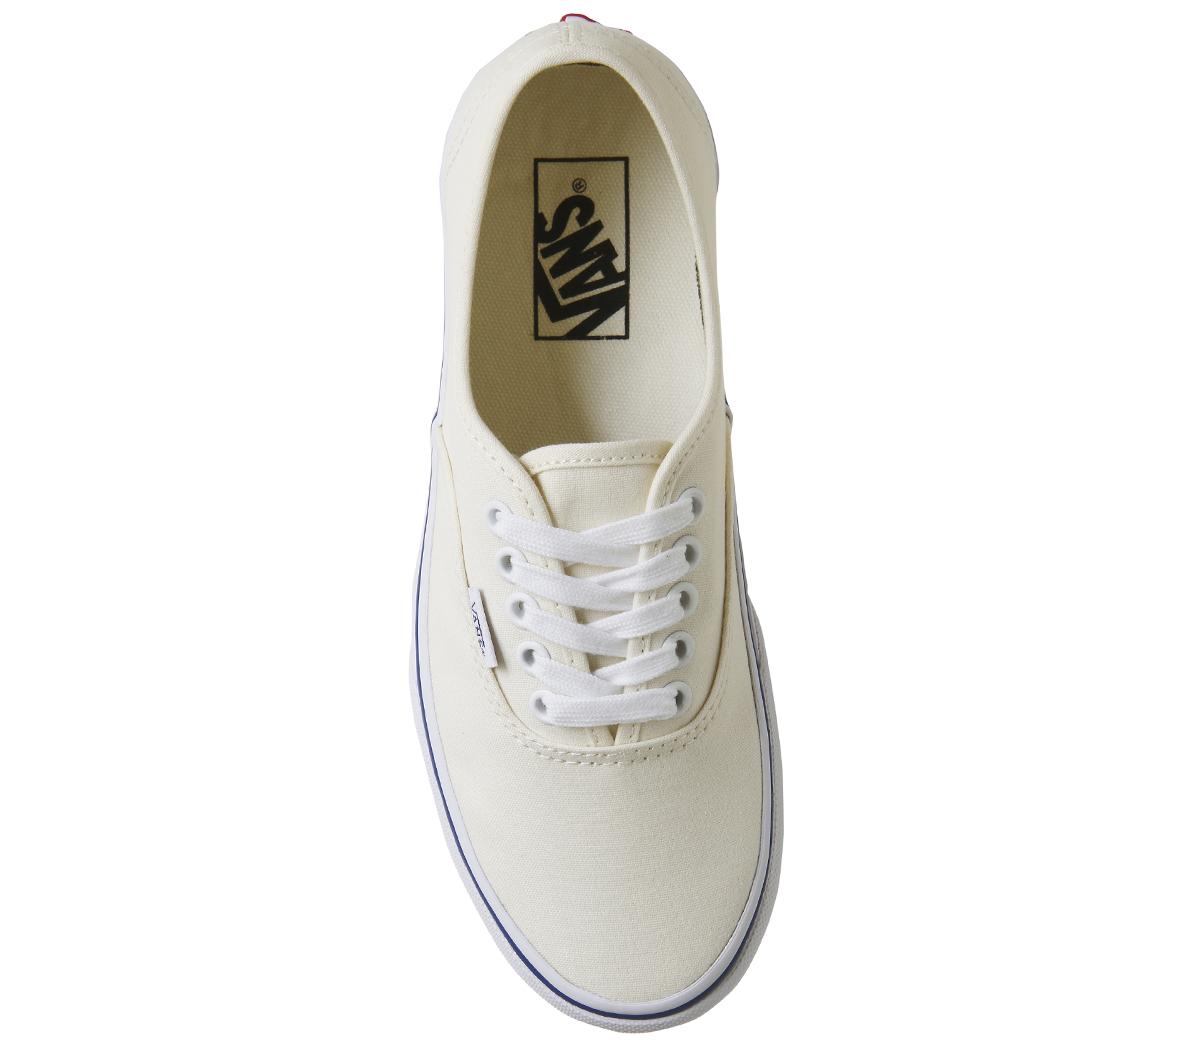 CENTINELA Mujeres furgones plataformas auténtico clásico entrenadores  blanco zapatos cd9de31db42